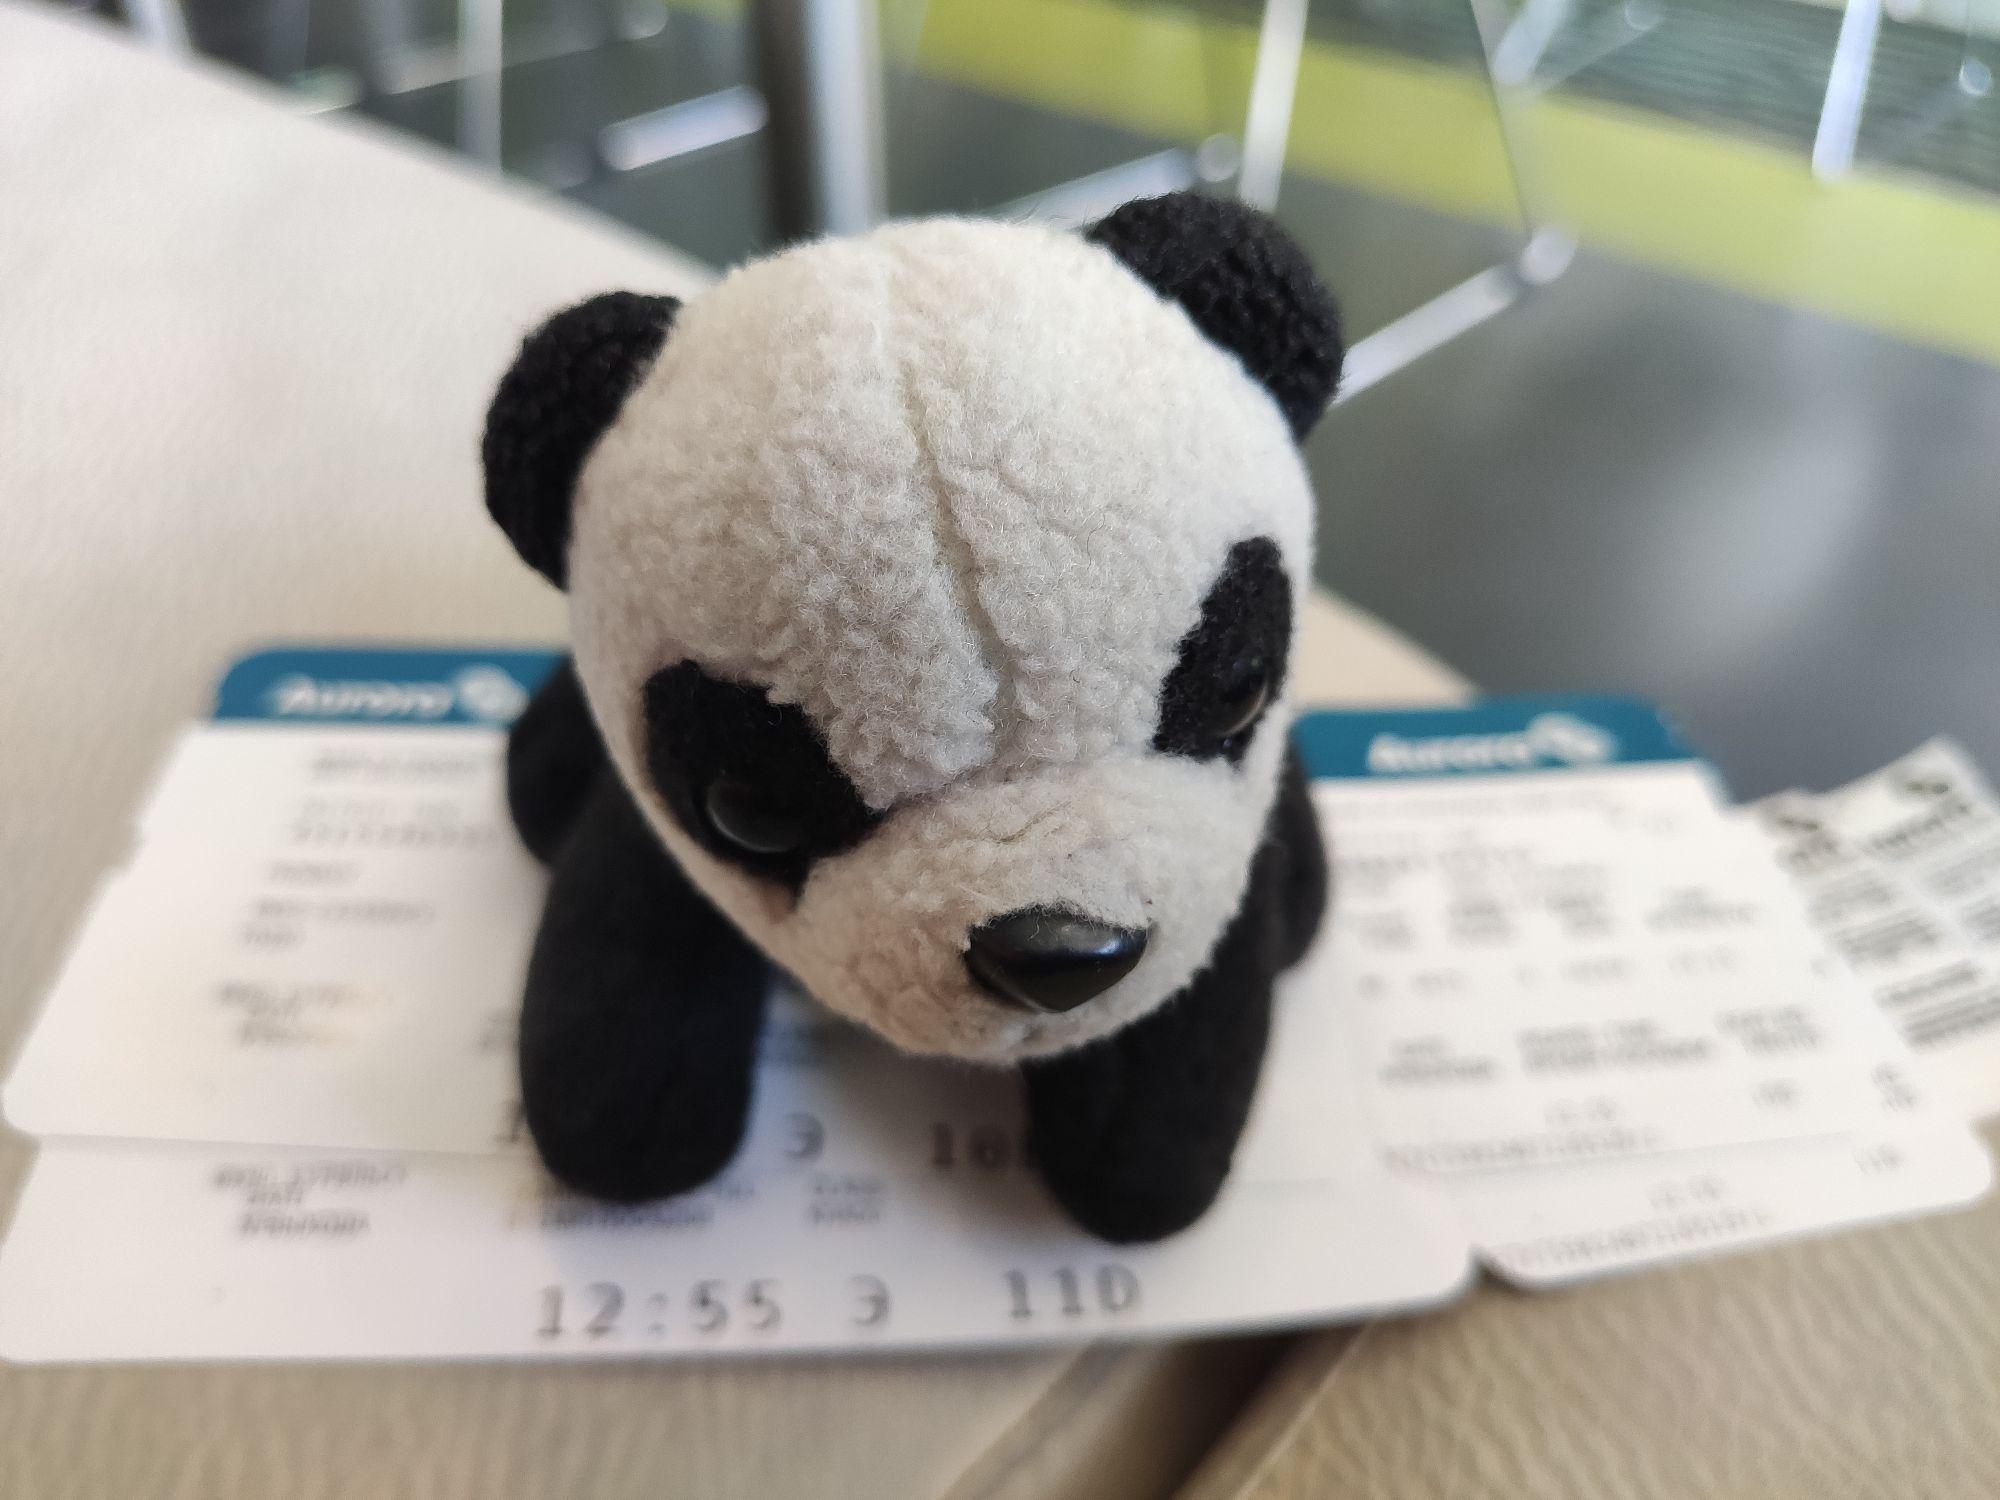 Из Южно-Сахалинска на Курилы летим Авророй. Авиакомпания немного странная, но девушка на регистрации чудесная.